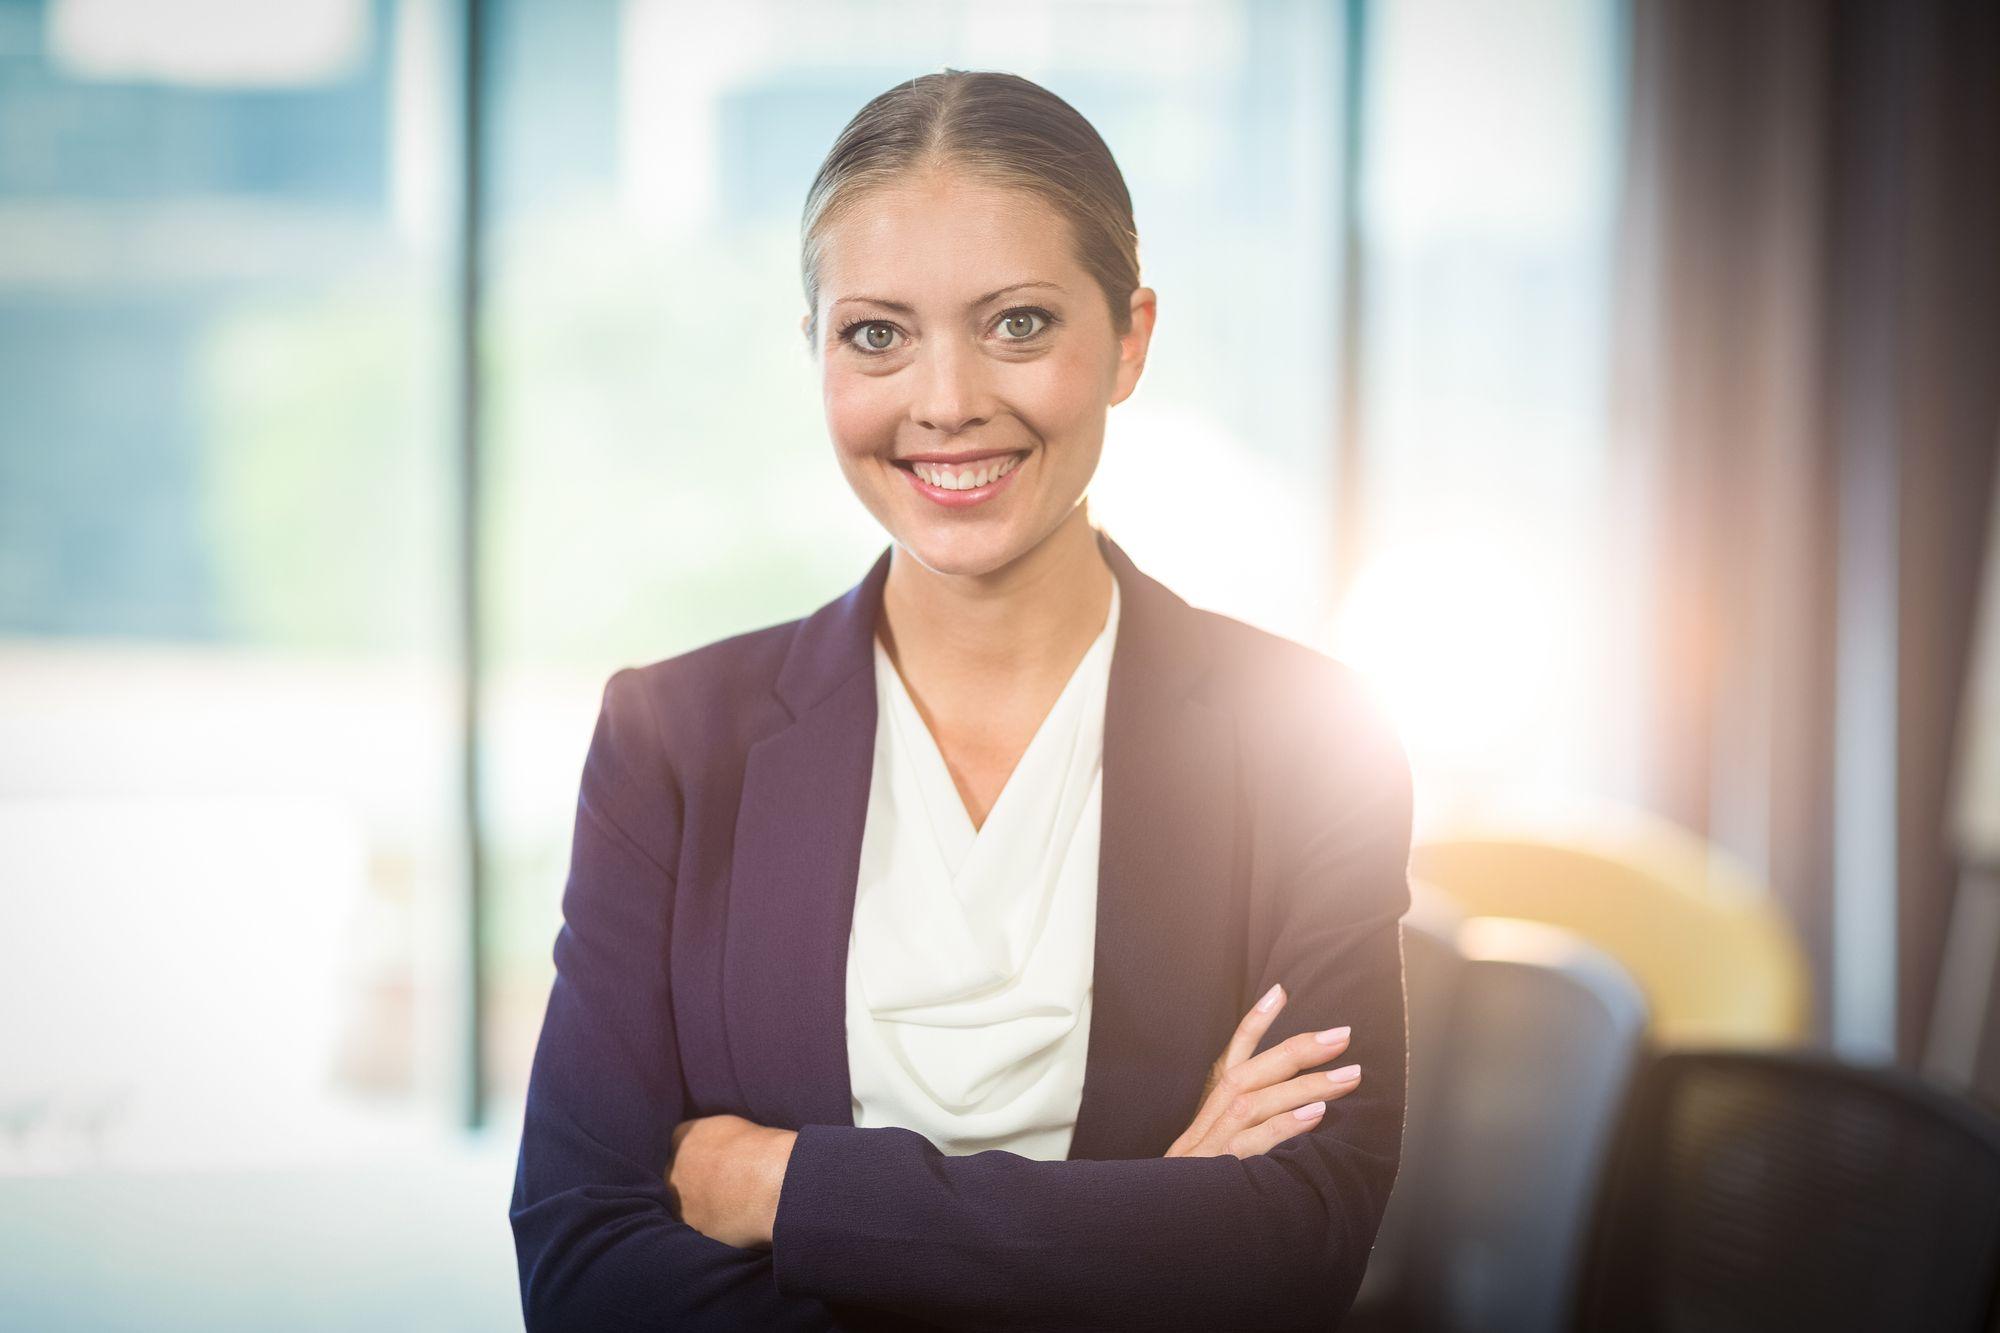 経営者にとって重要な知識とは?法人カードでリスク回避